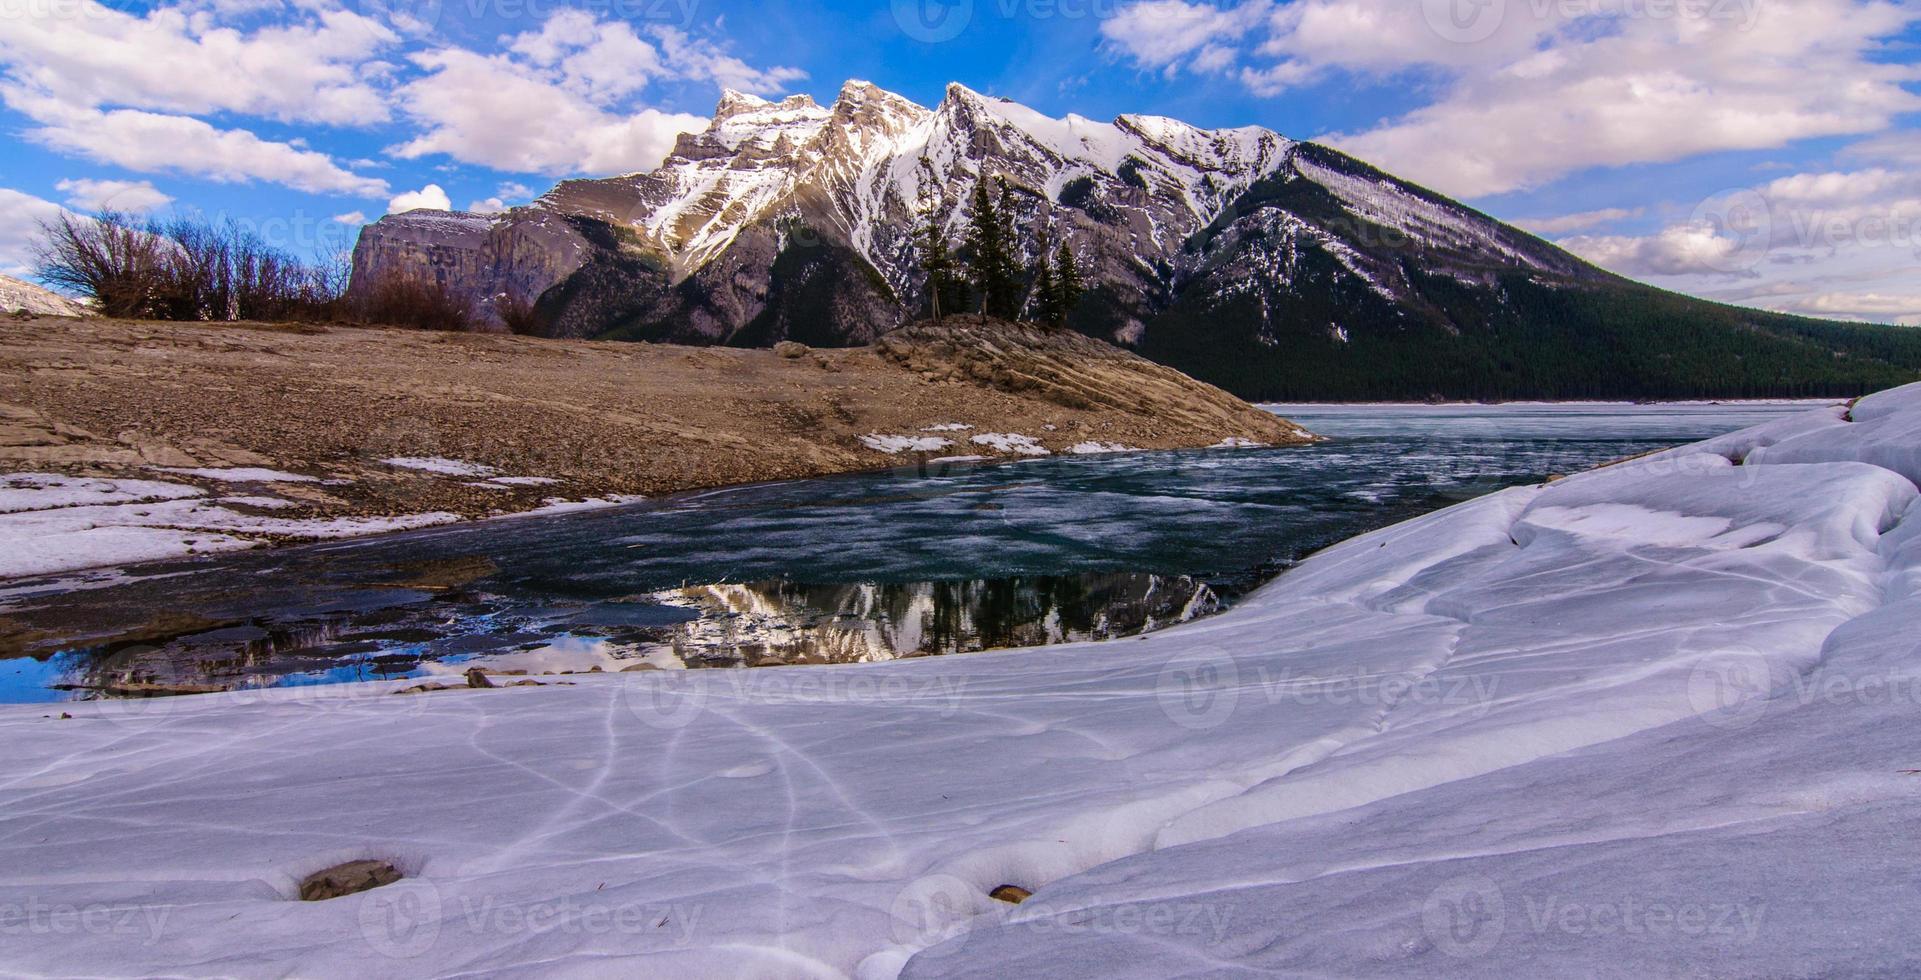 lago minnewanka, parque nacional de banff inverno neve gelo crack foto